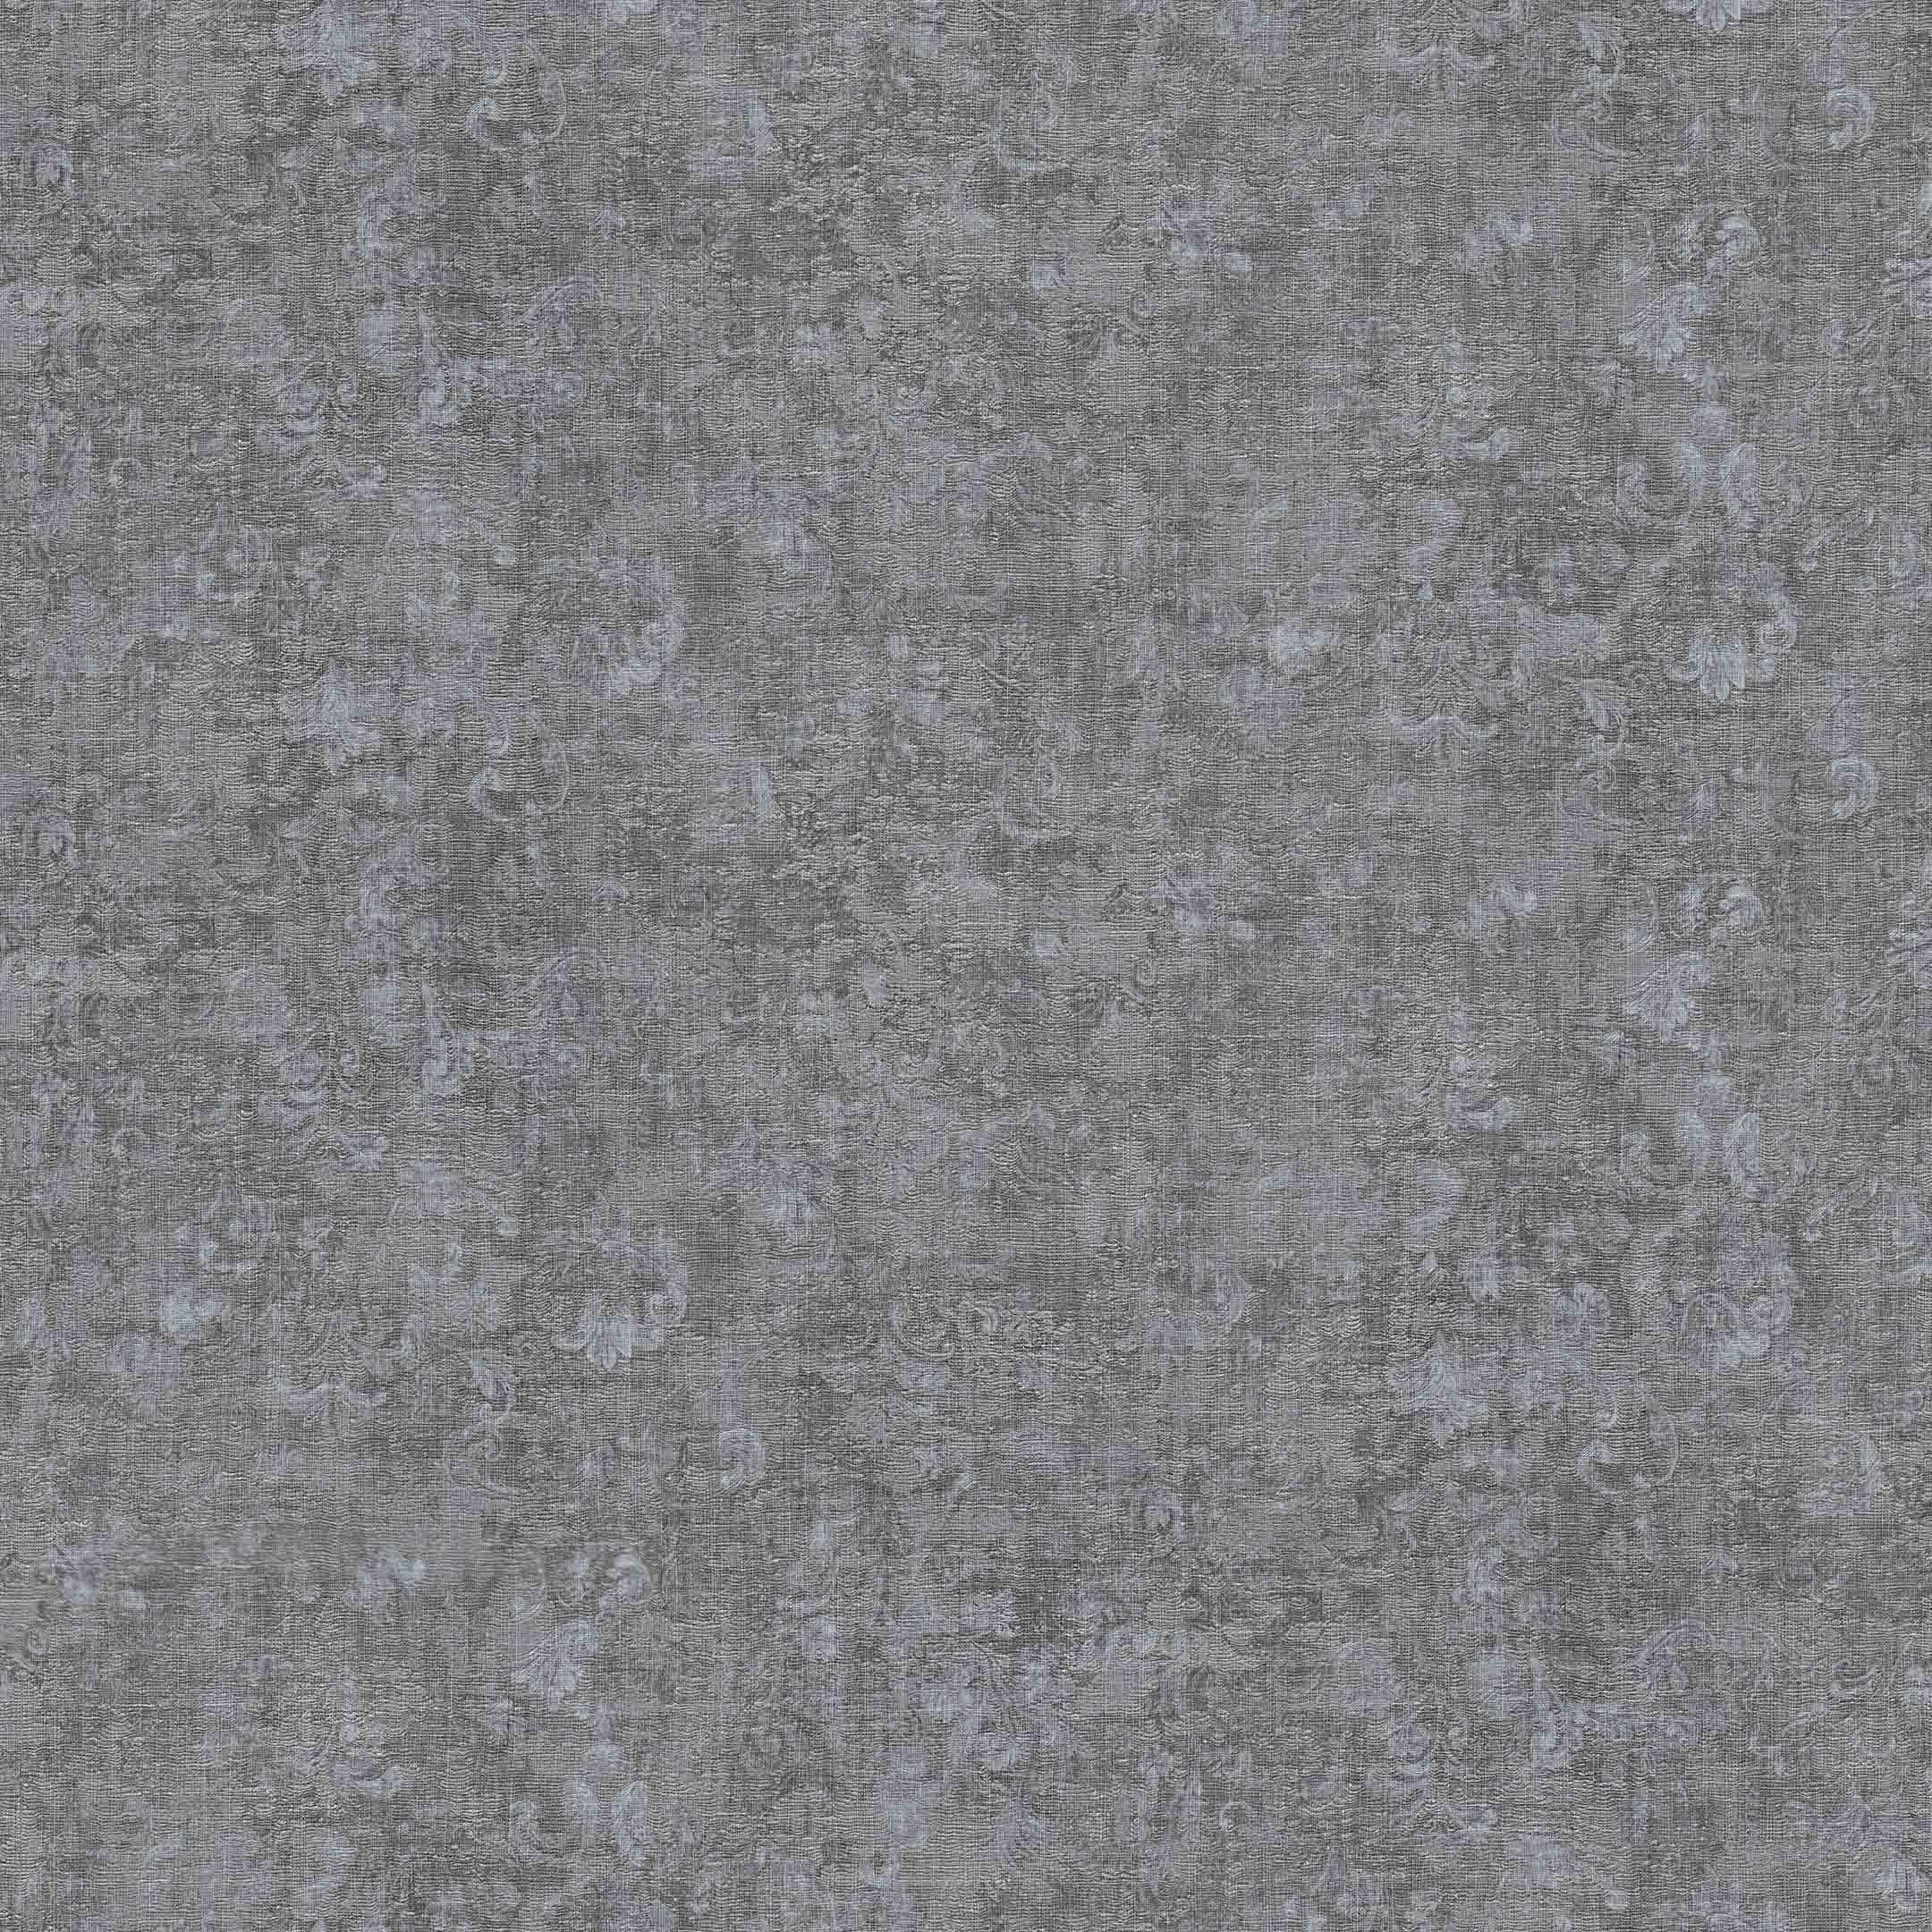 Обои виниловые на флизелиновой основе Zambaiti Murella Moda M53015 (1,06х10,05 м) стоимость